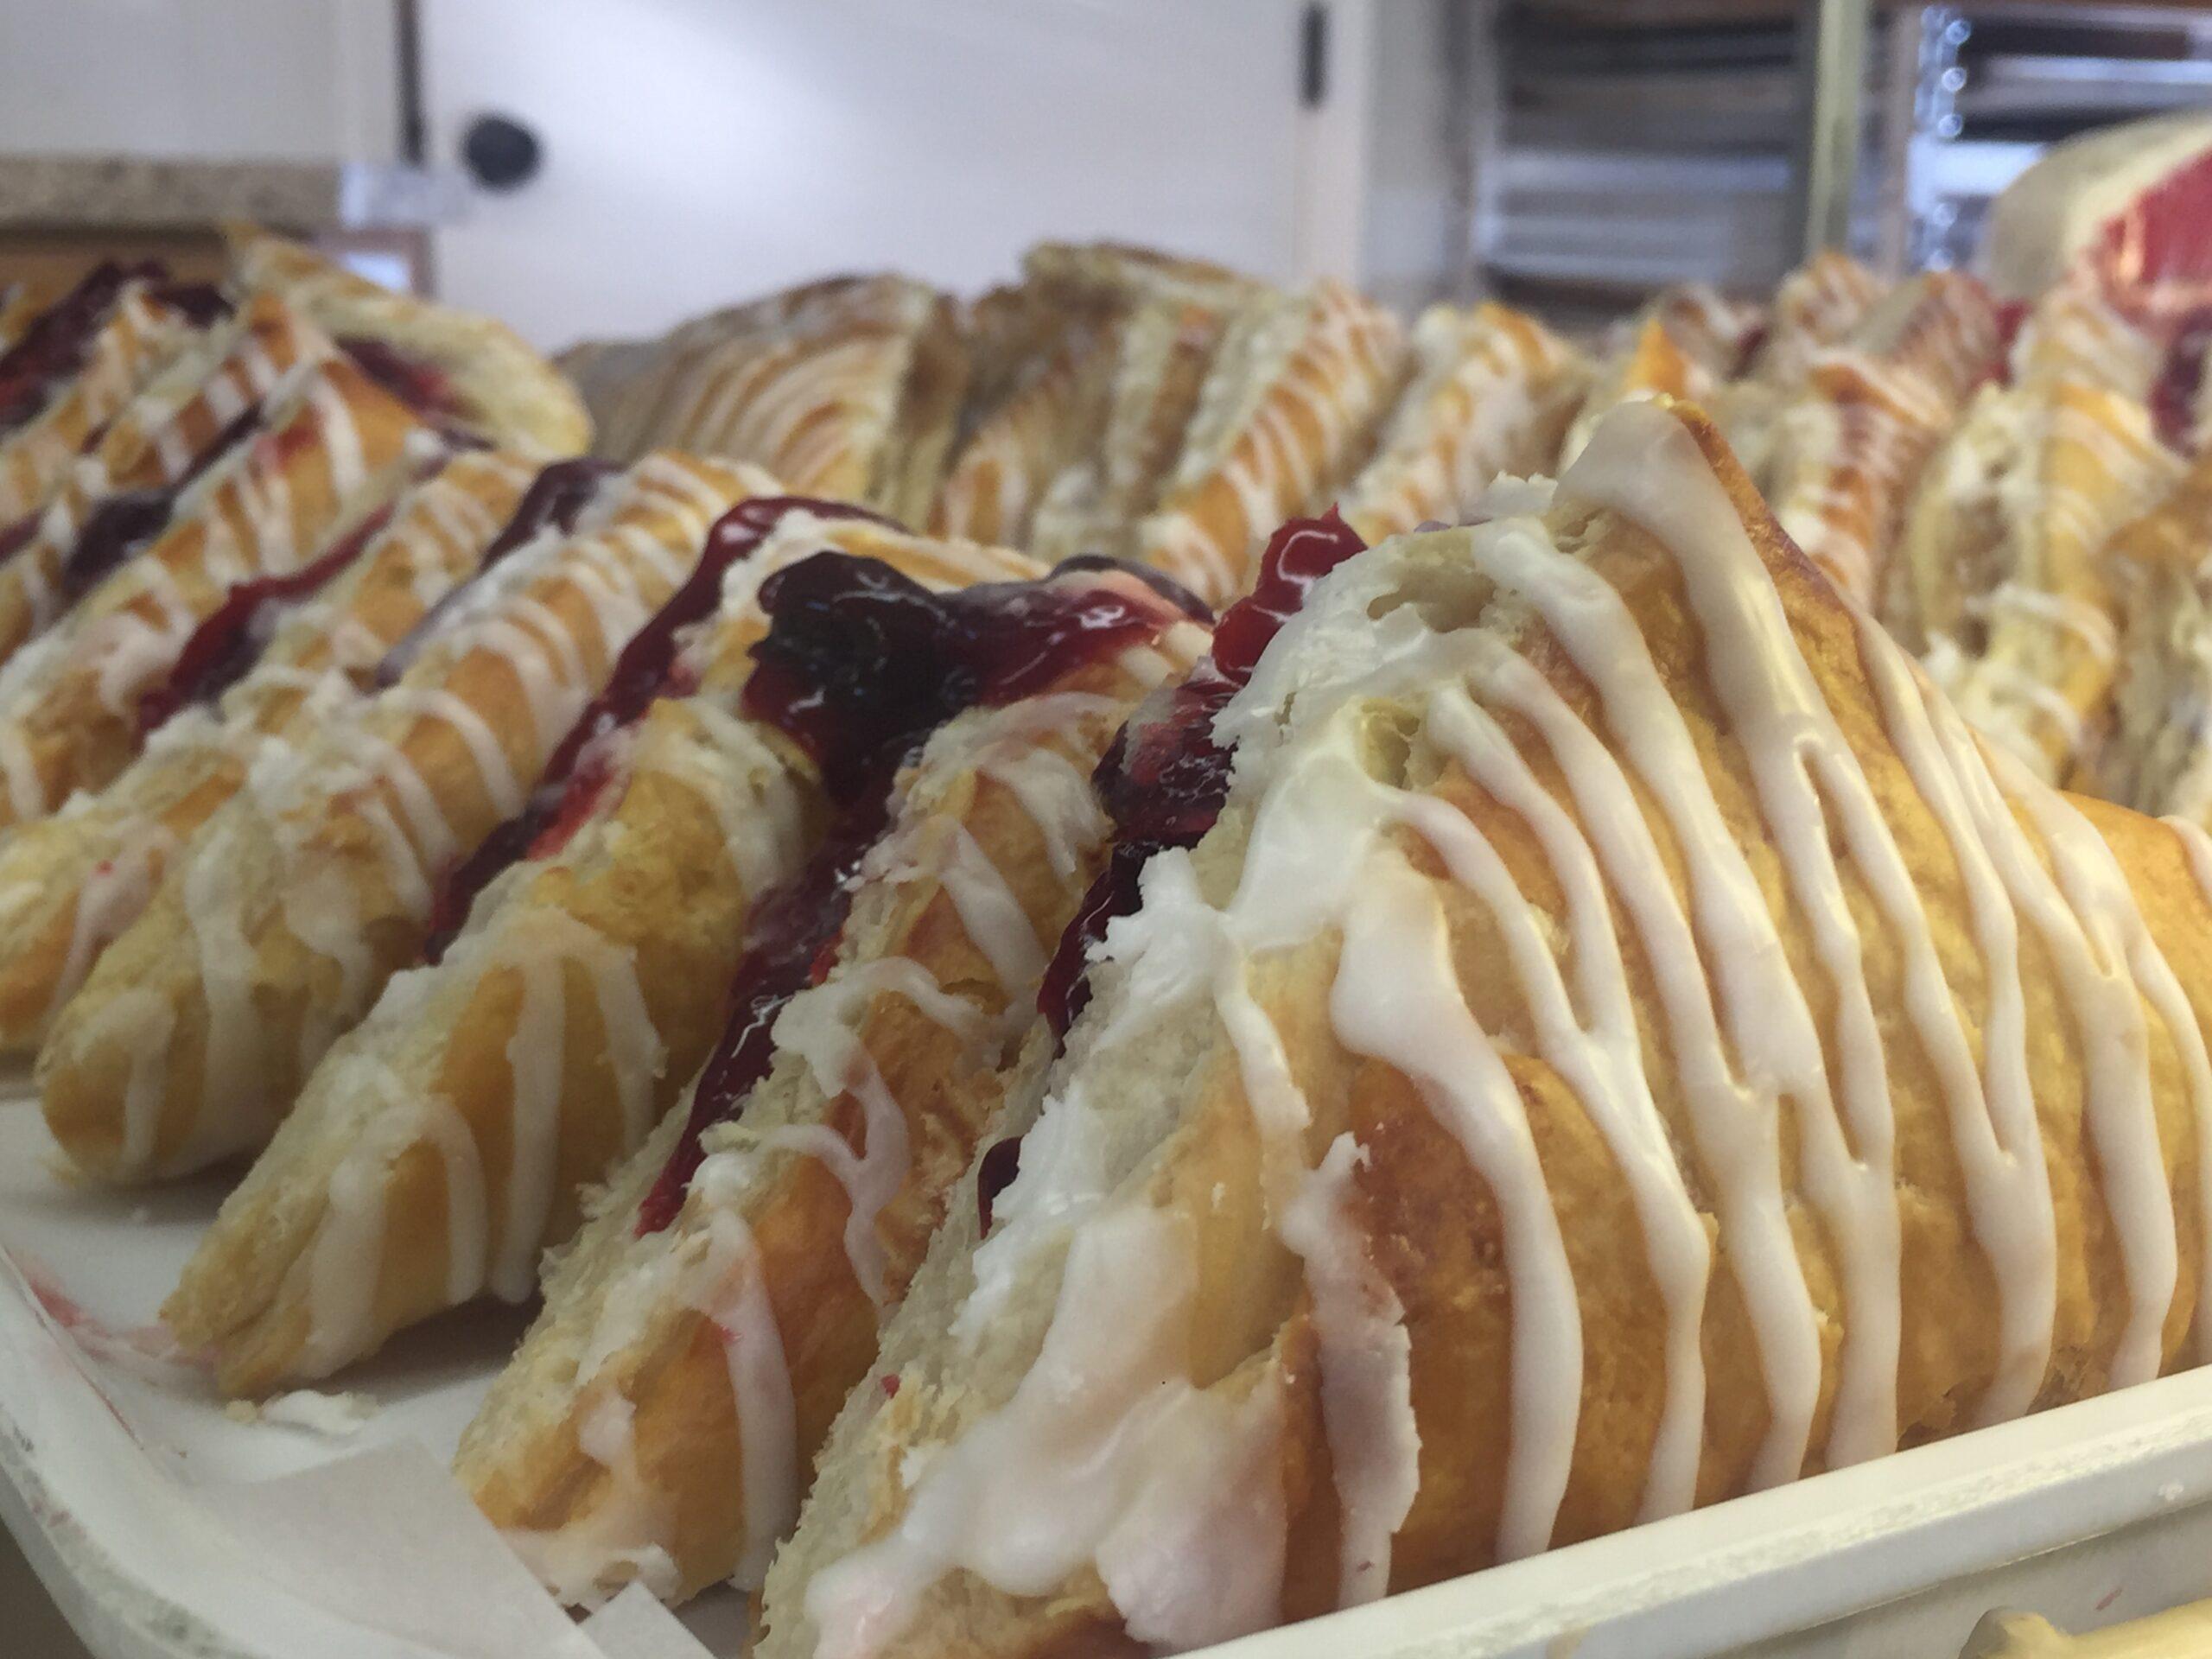 swartzentrubers bakery in abbeville, sc